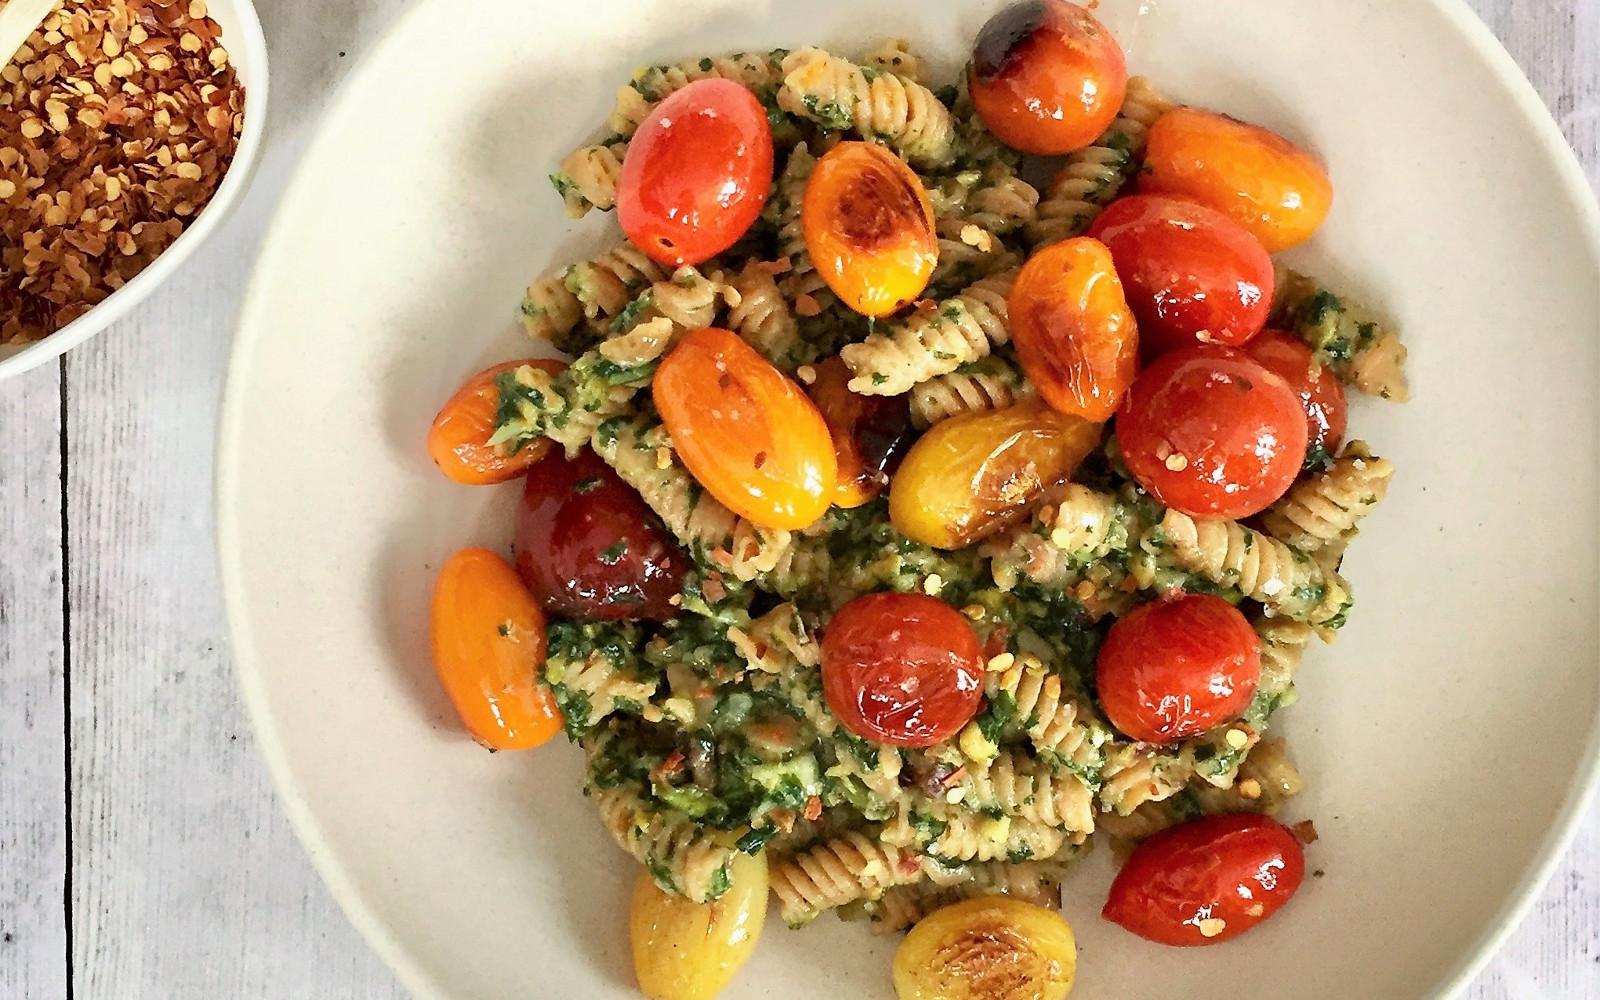 Red Lentil Pasta With Basil-Pistachio Pesto